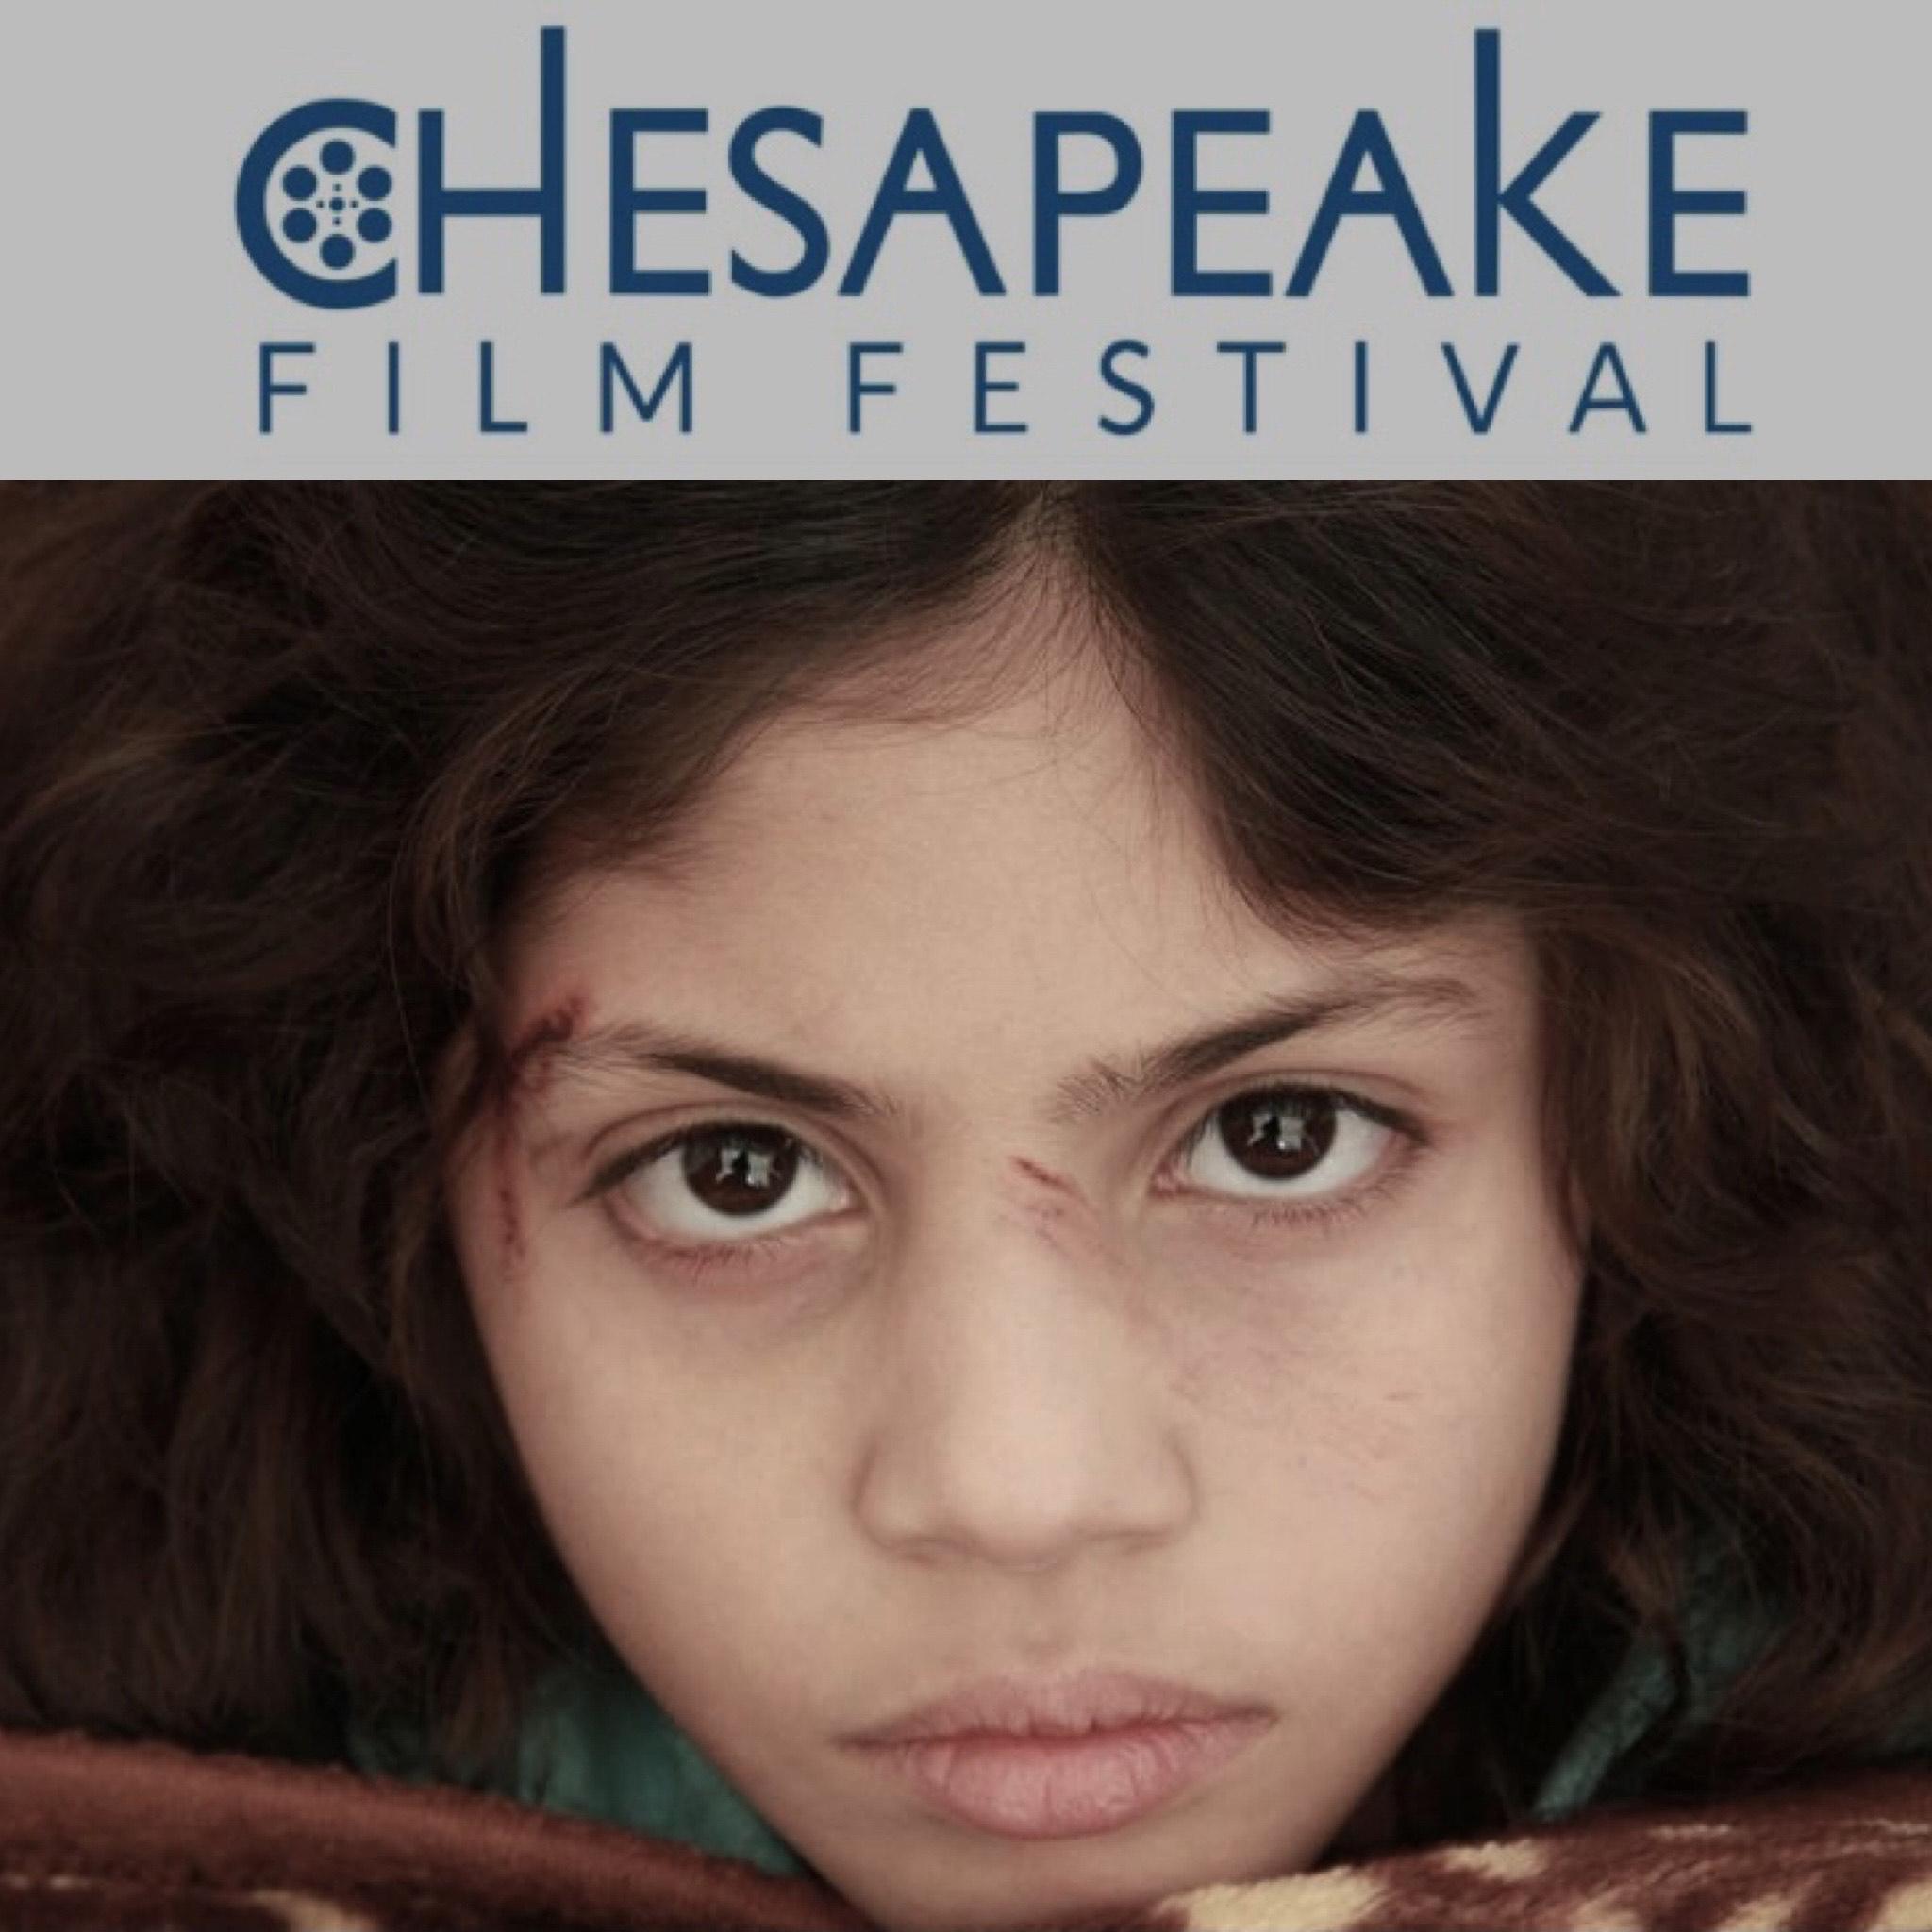 «زخم» در جشنواره Chesapeake مریلند